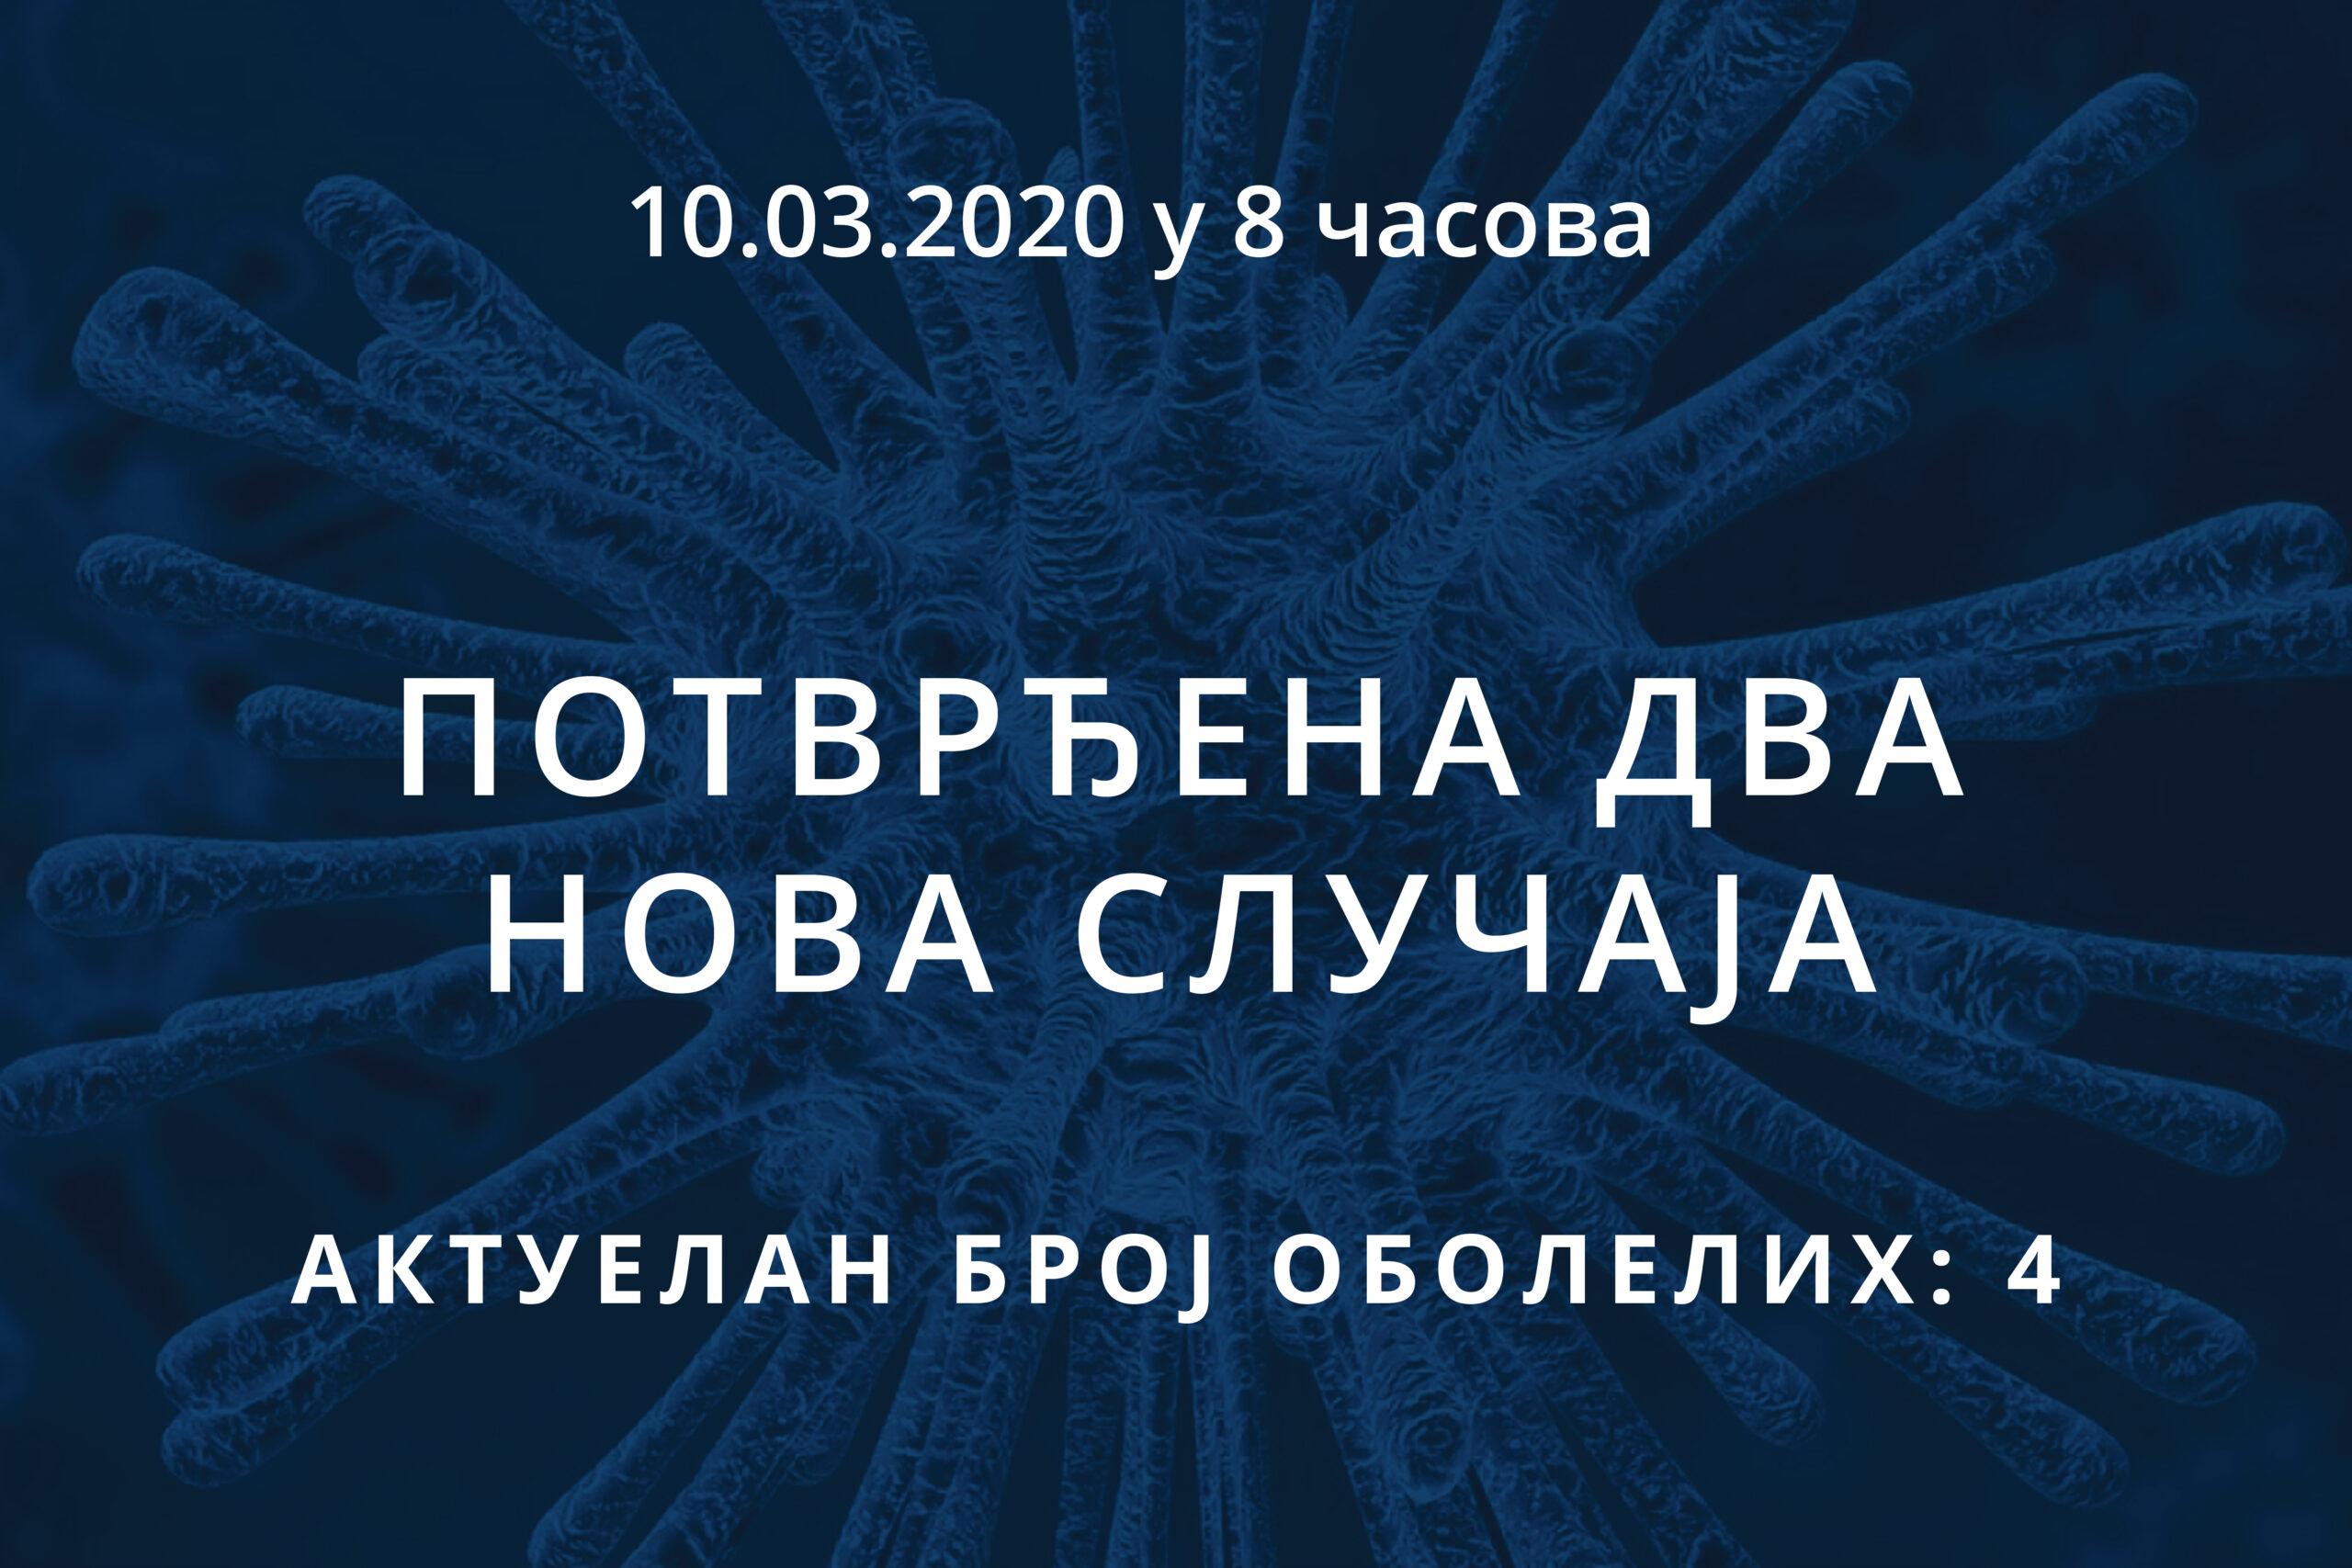 You are currently viewing Информације о корона вирусу COVID-19, 10.03.2020 у 8 часова